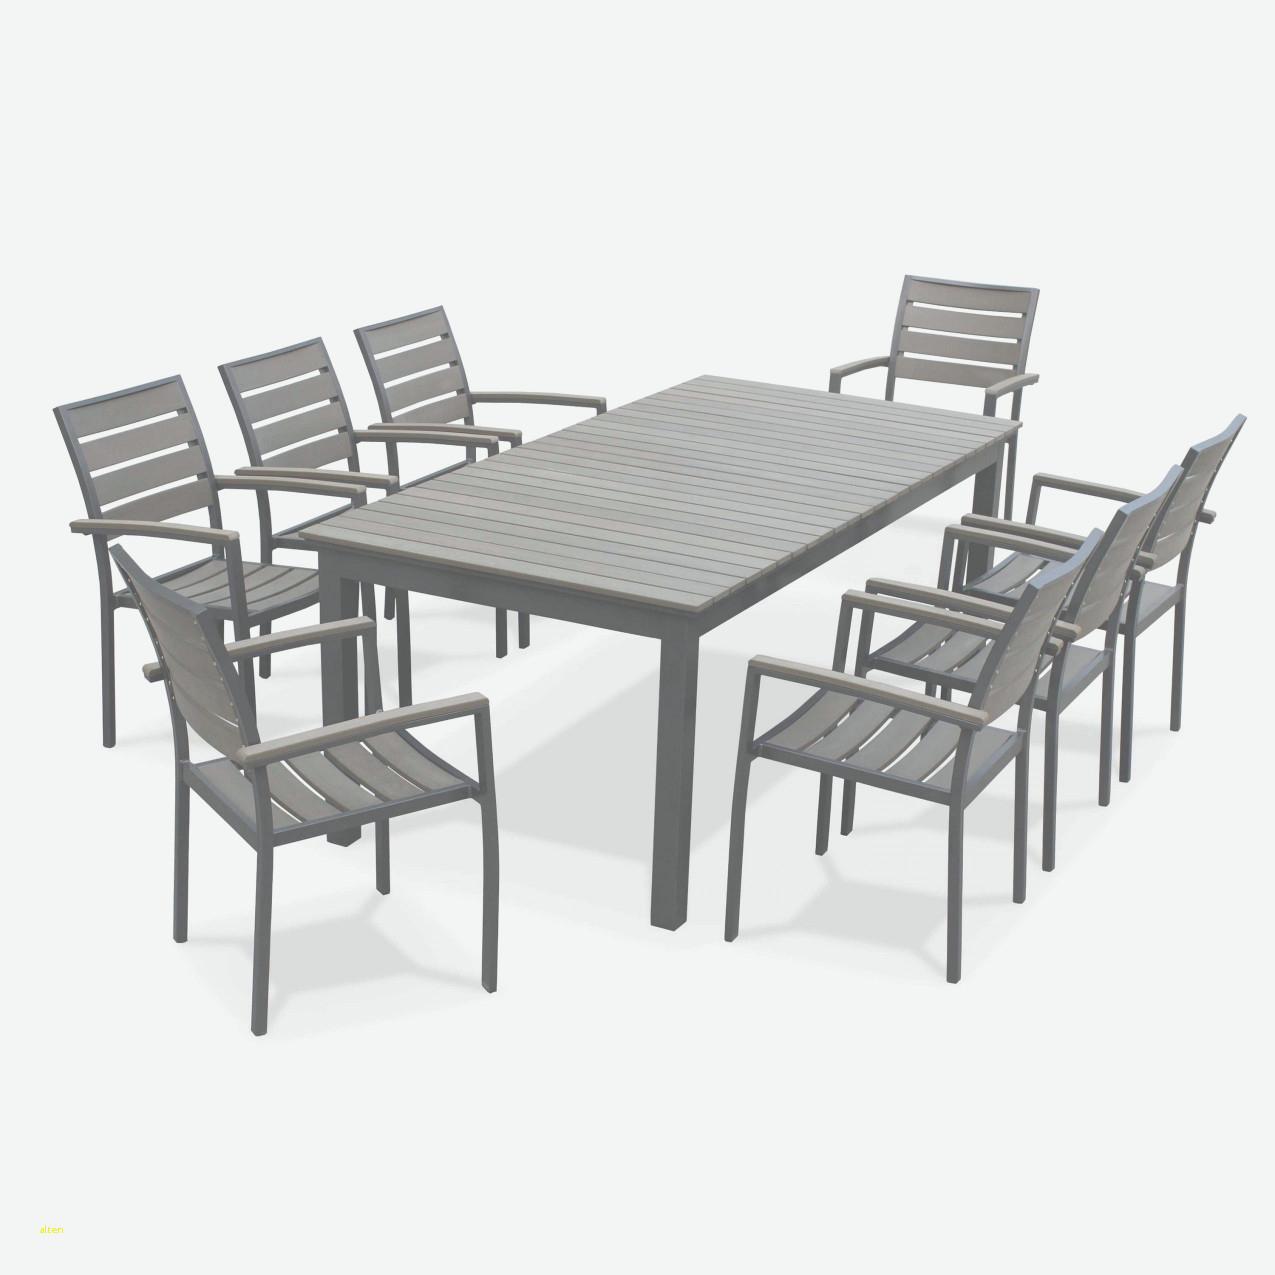 Table Et Chaises De Jardin Leclerc Beau Collection Table Et Chaises De Jardin Leclerc Charmant Leclerc Fauteuil De